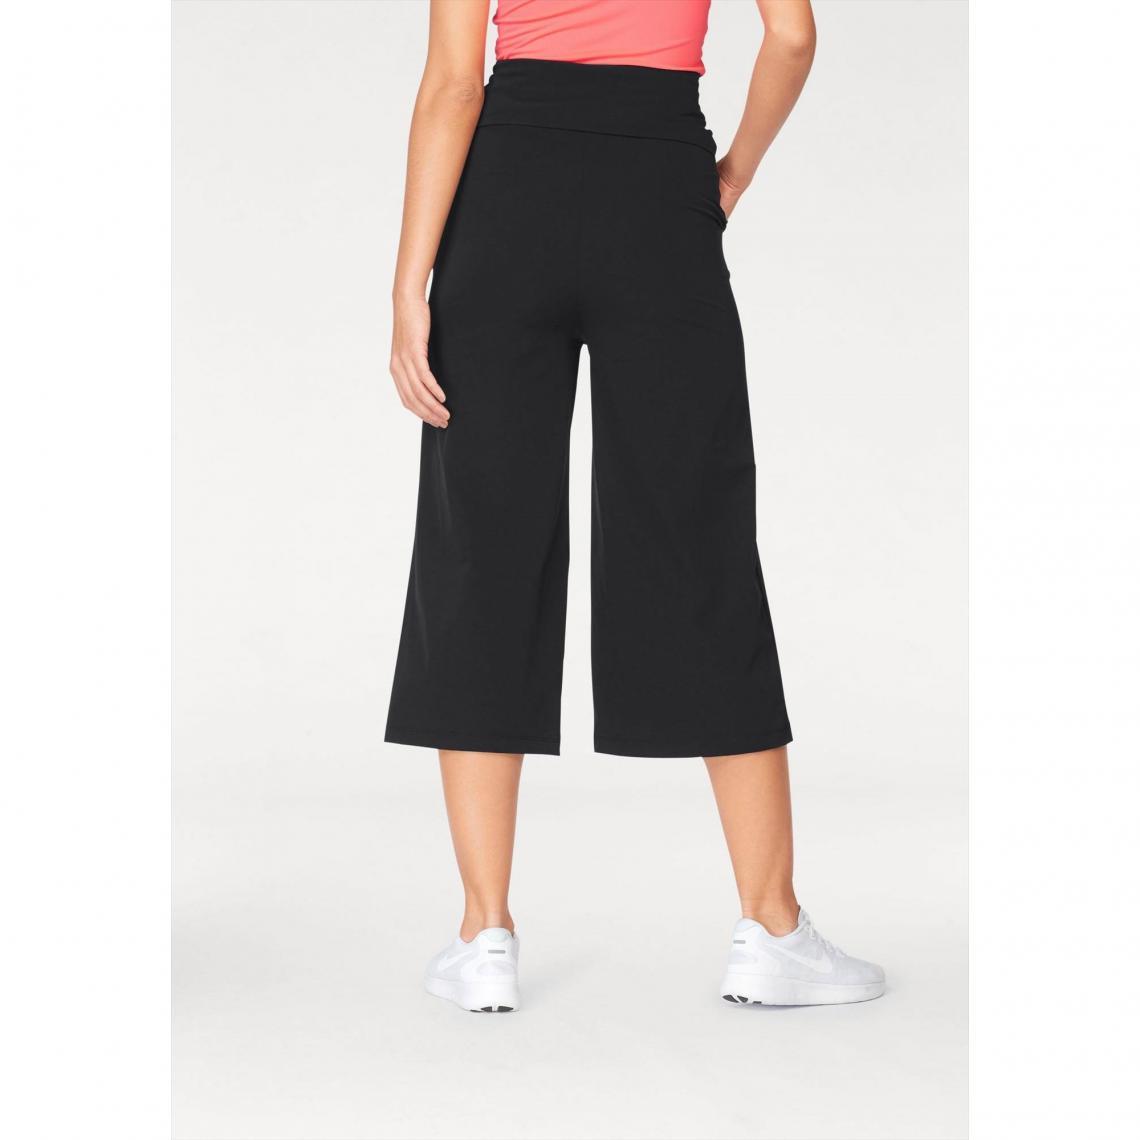 pantalon nike femmes noir